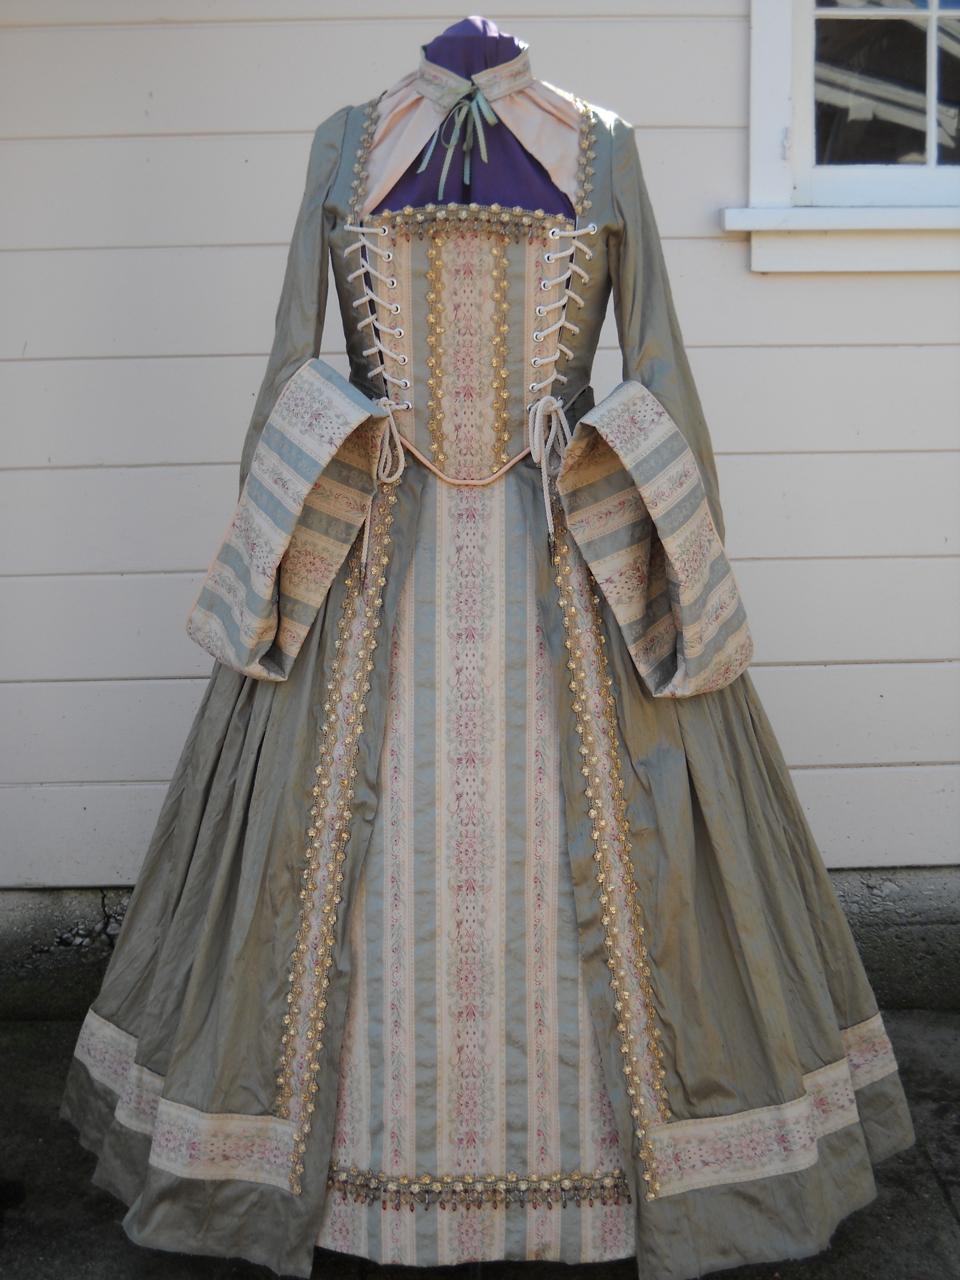 dscn01843 - Spanish Wedding Dresses